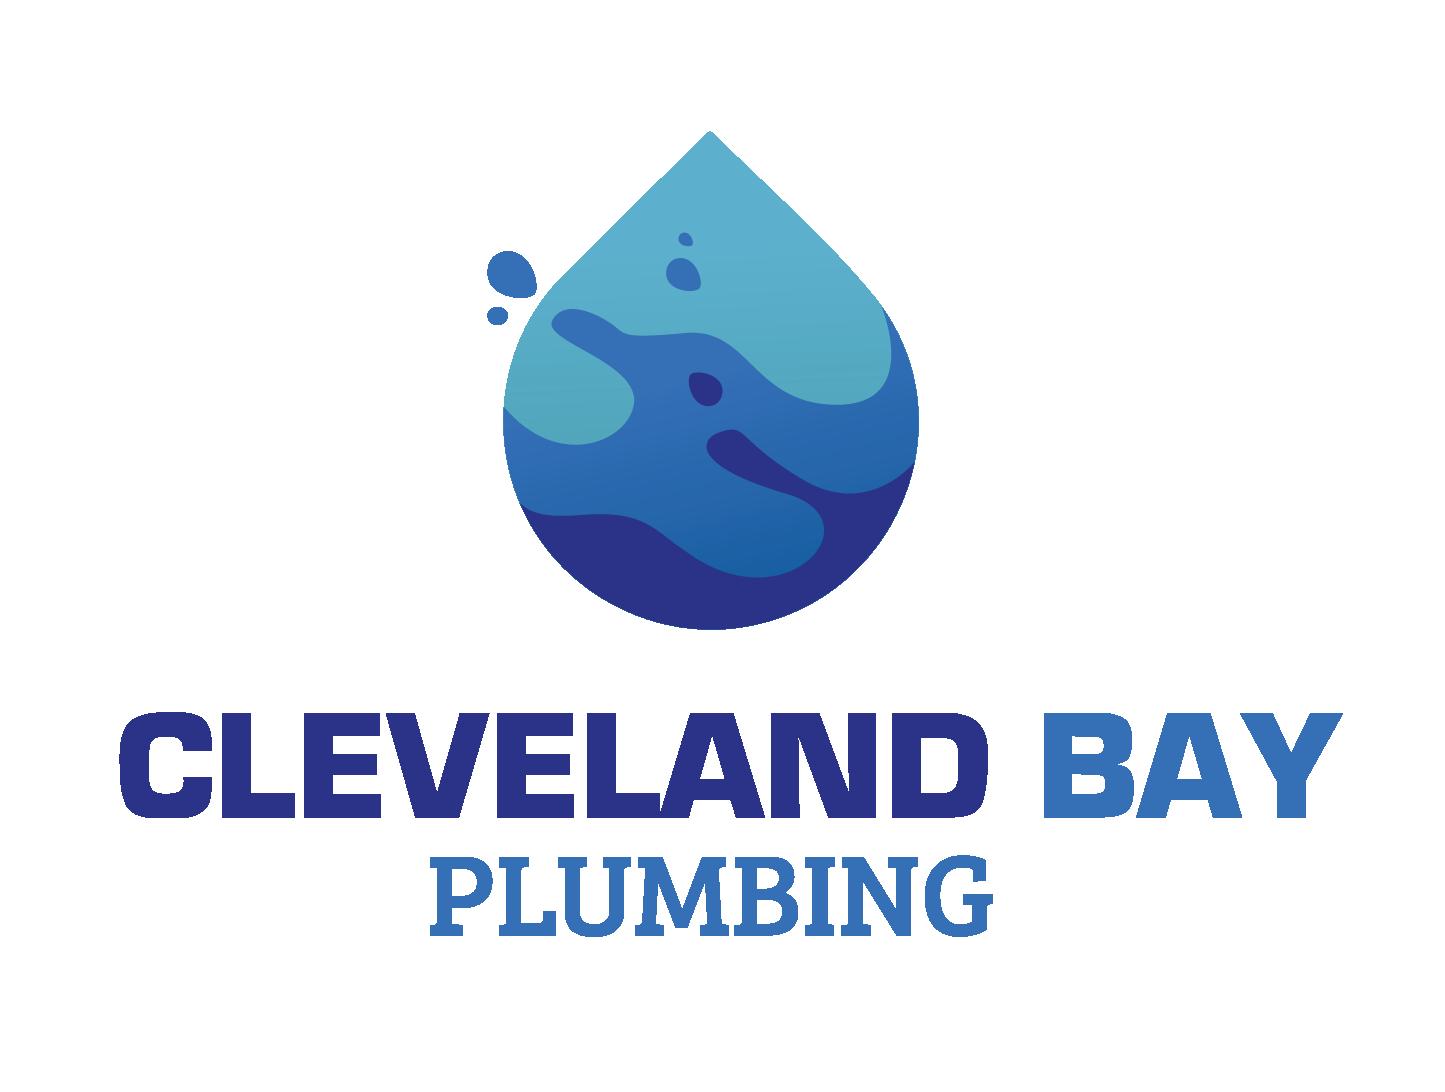 Cleveland Bay Plumbing